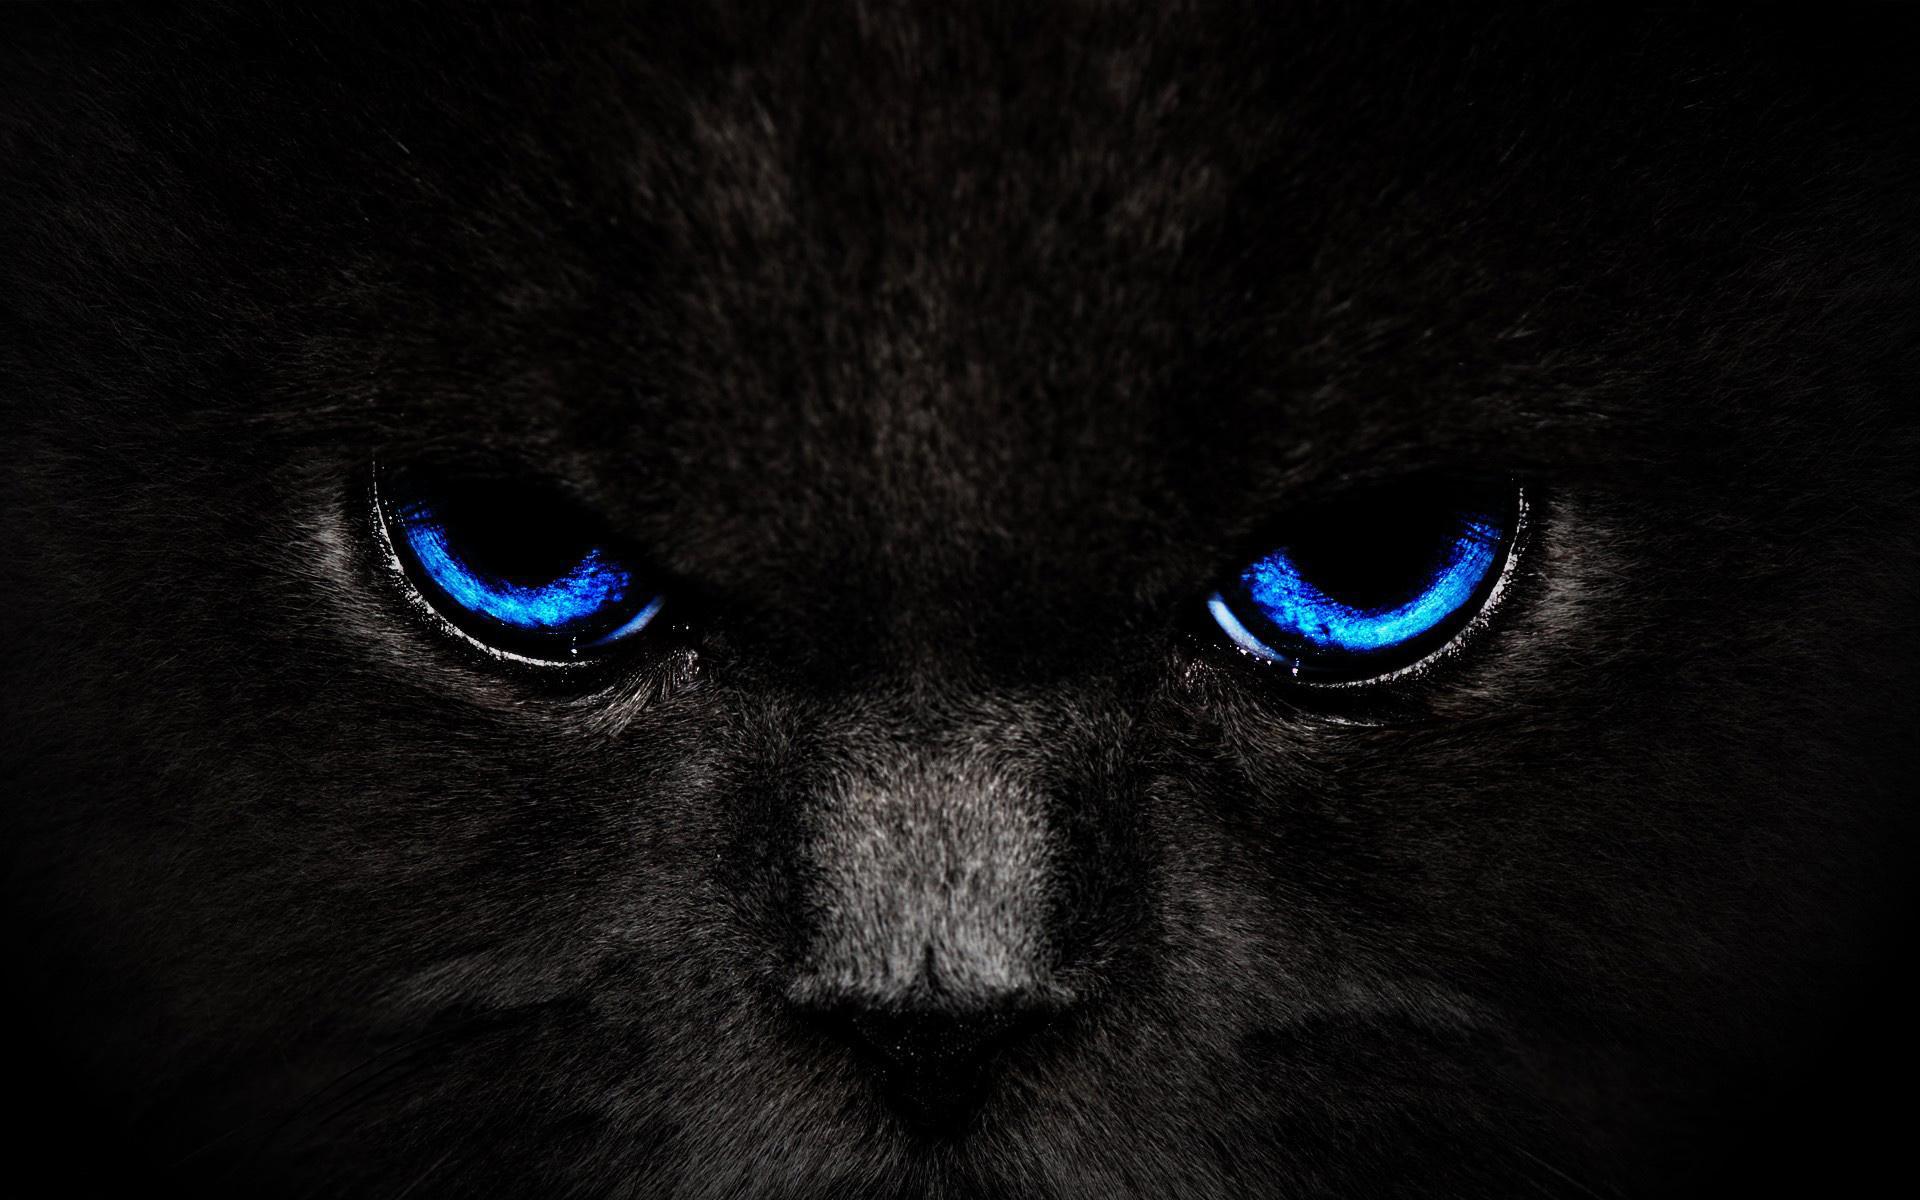 кот, черный, морда